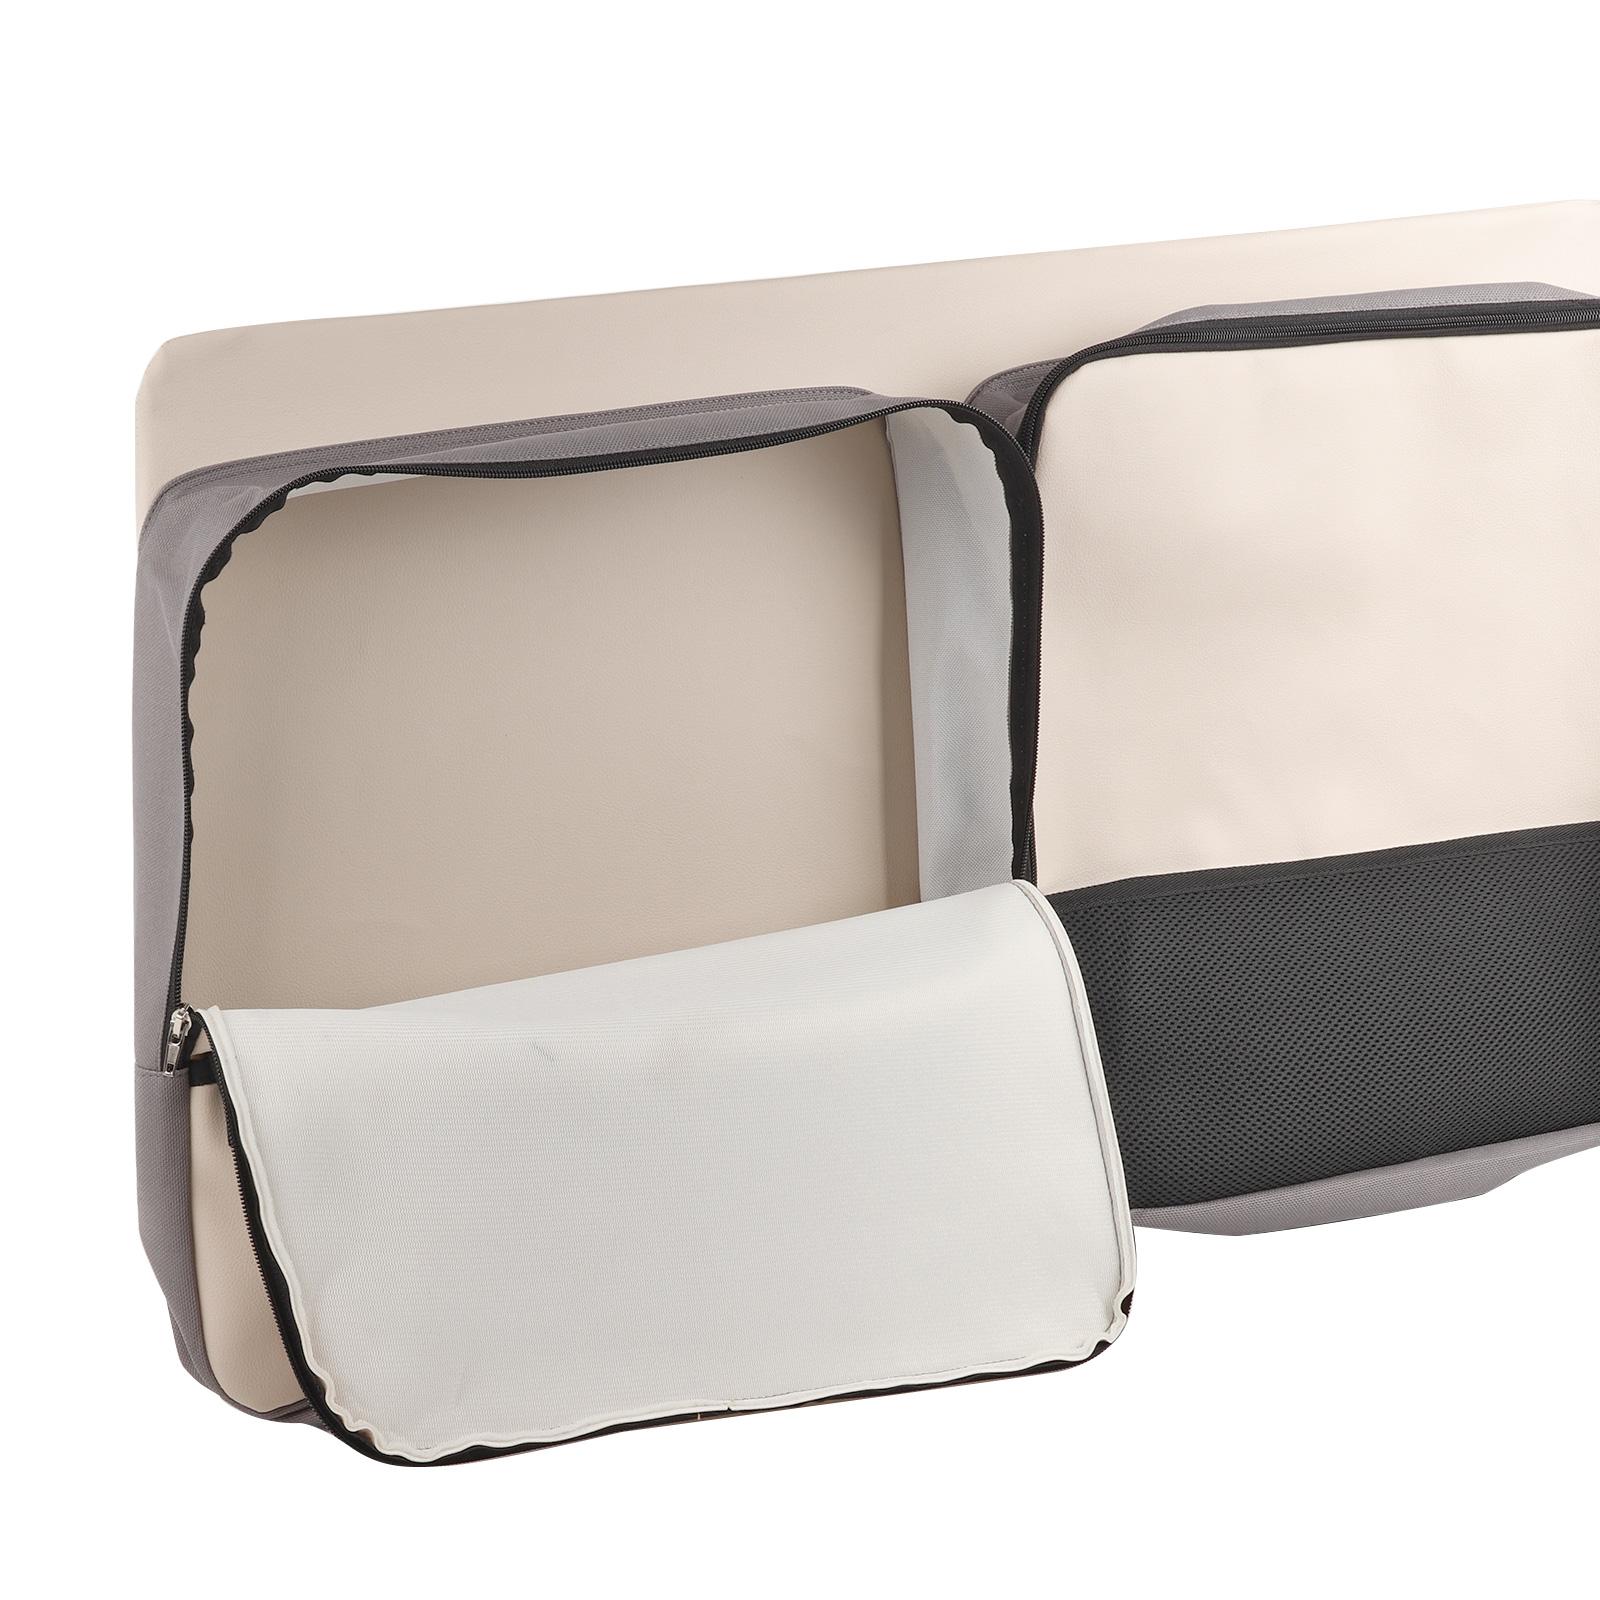 Indexbild 3 -  Fenstertasche Utensilientasche Leinenbeige passend für VW T5 T6 KR links